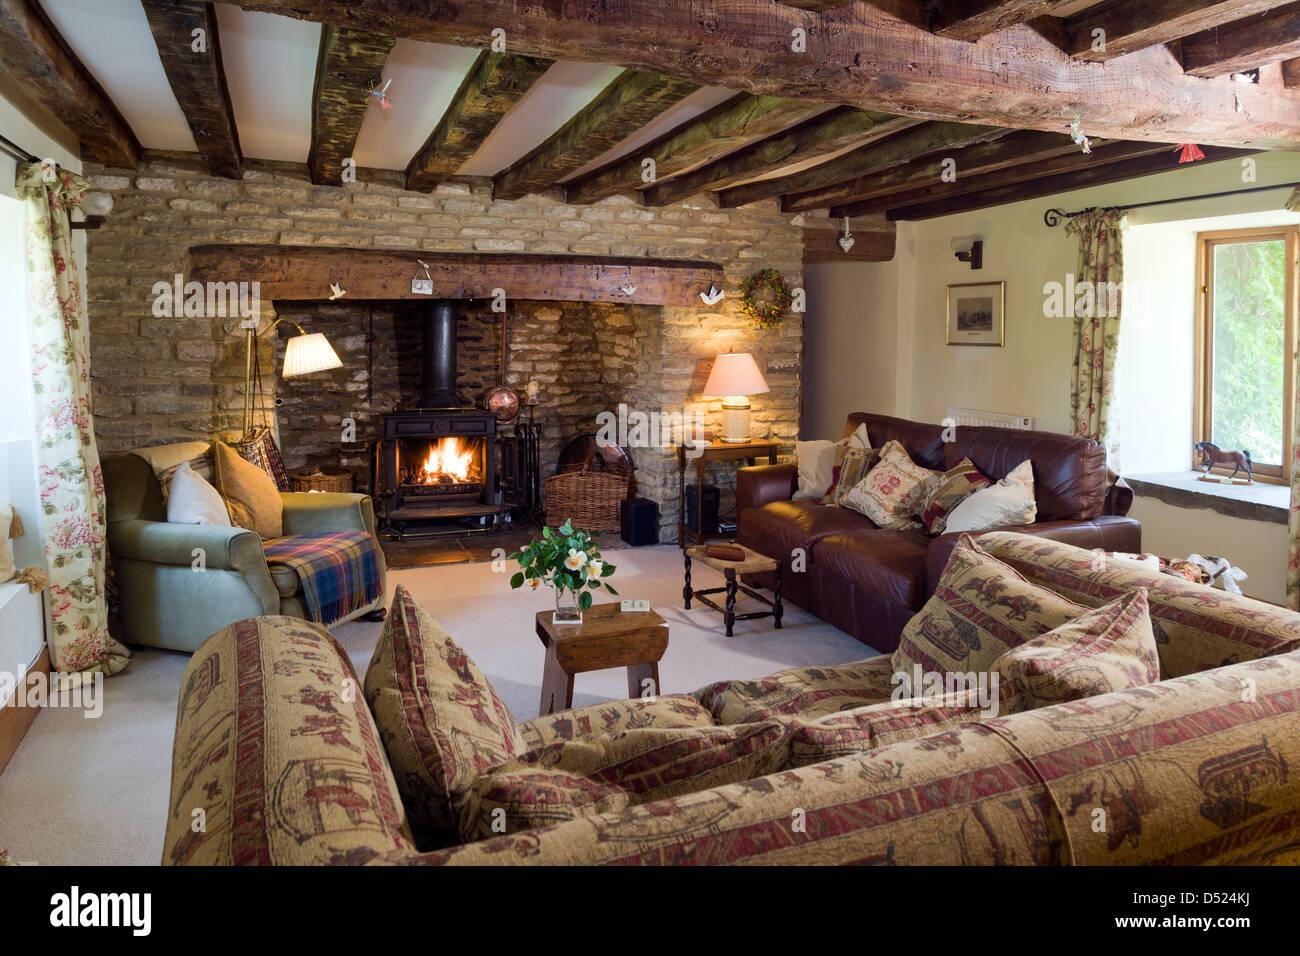 Un cottage accogliente soggiorno con stufa a legna i muri in pietra ...